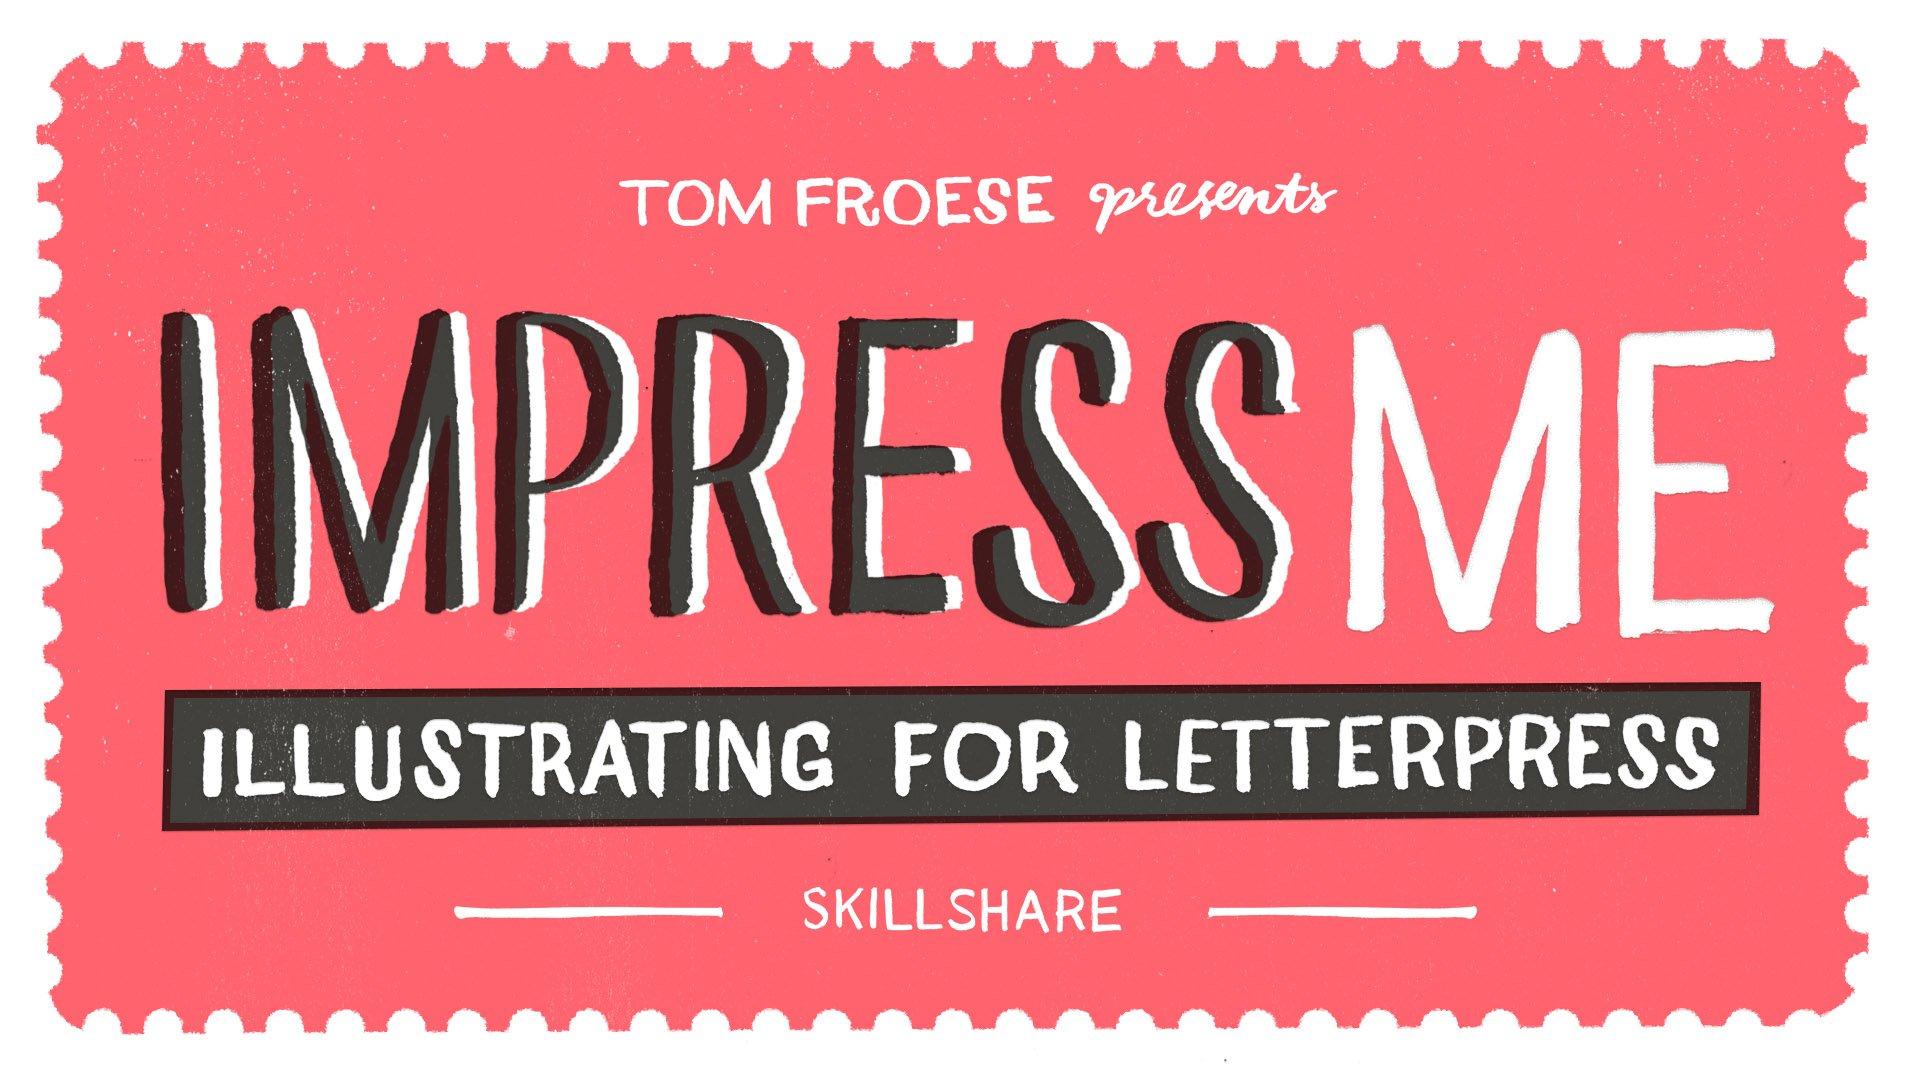 Tom Froese - Skillshare